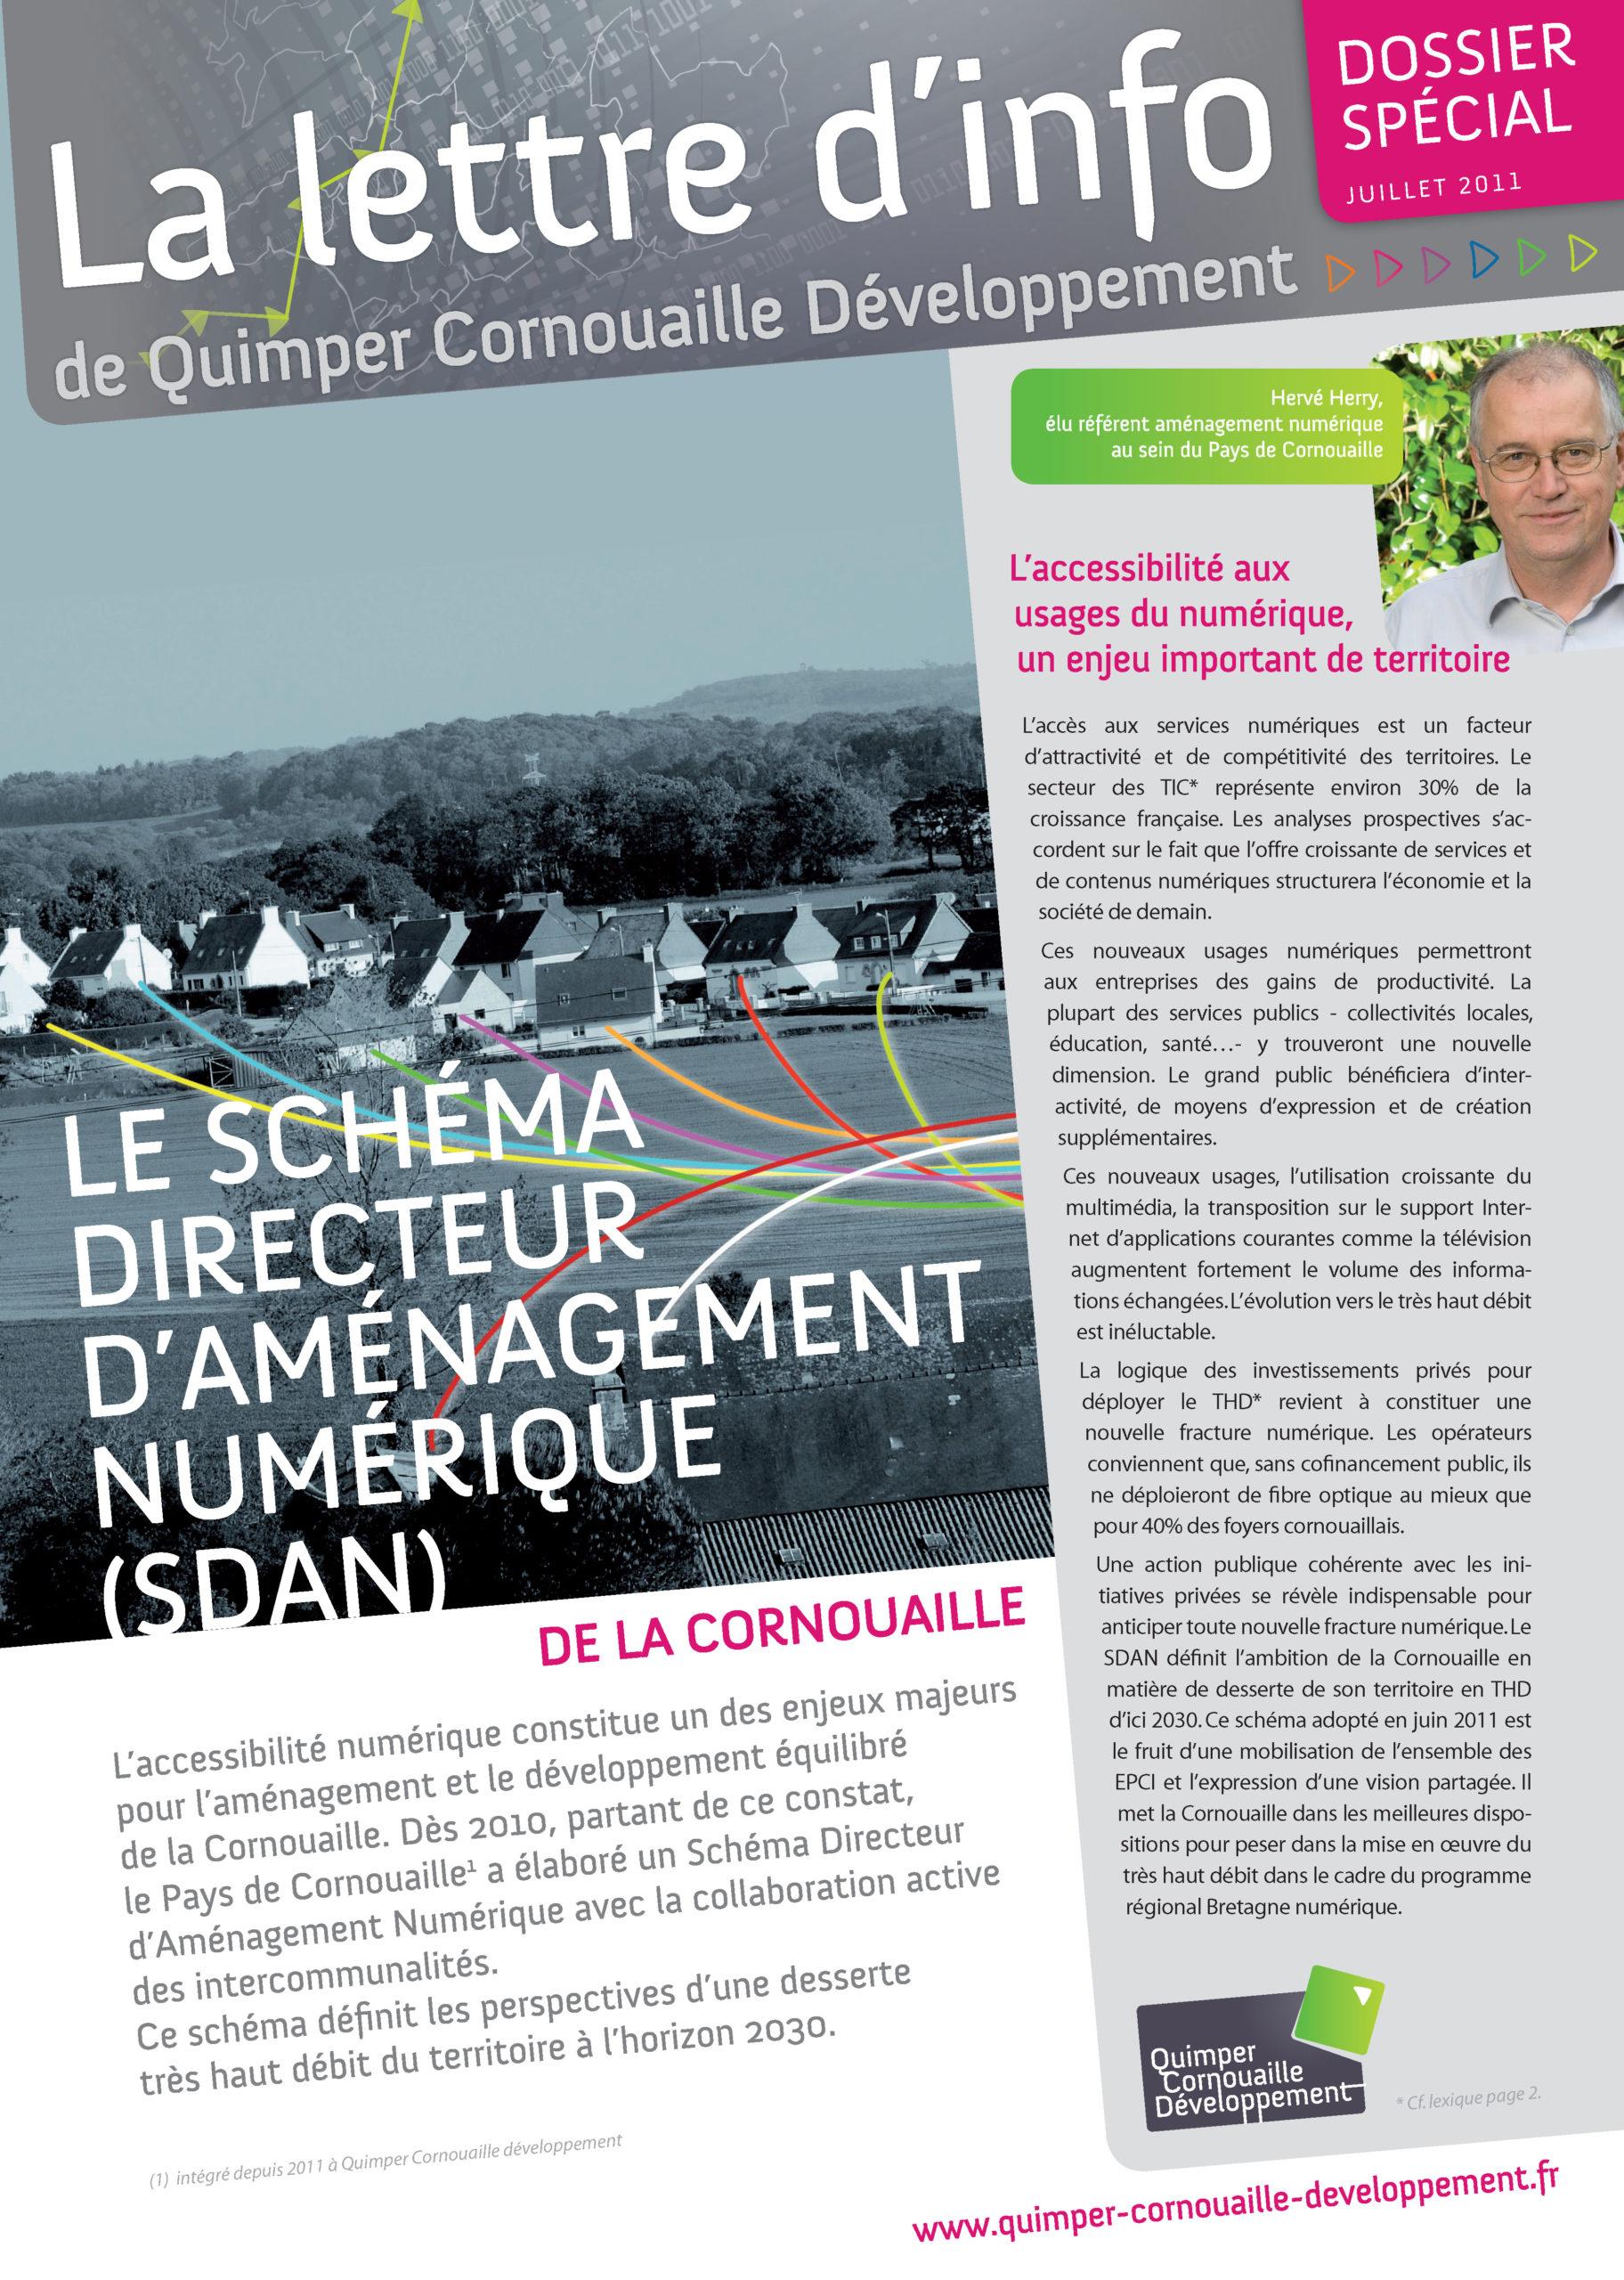 Dossier spécial de Quimper Cornouaille Développement. Le schéma directeur d'aménagement numérique (SDAN) de la Cornouaille